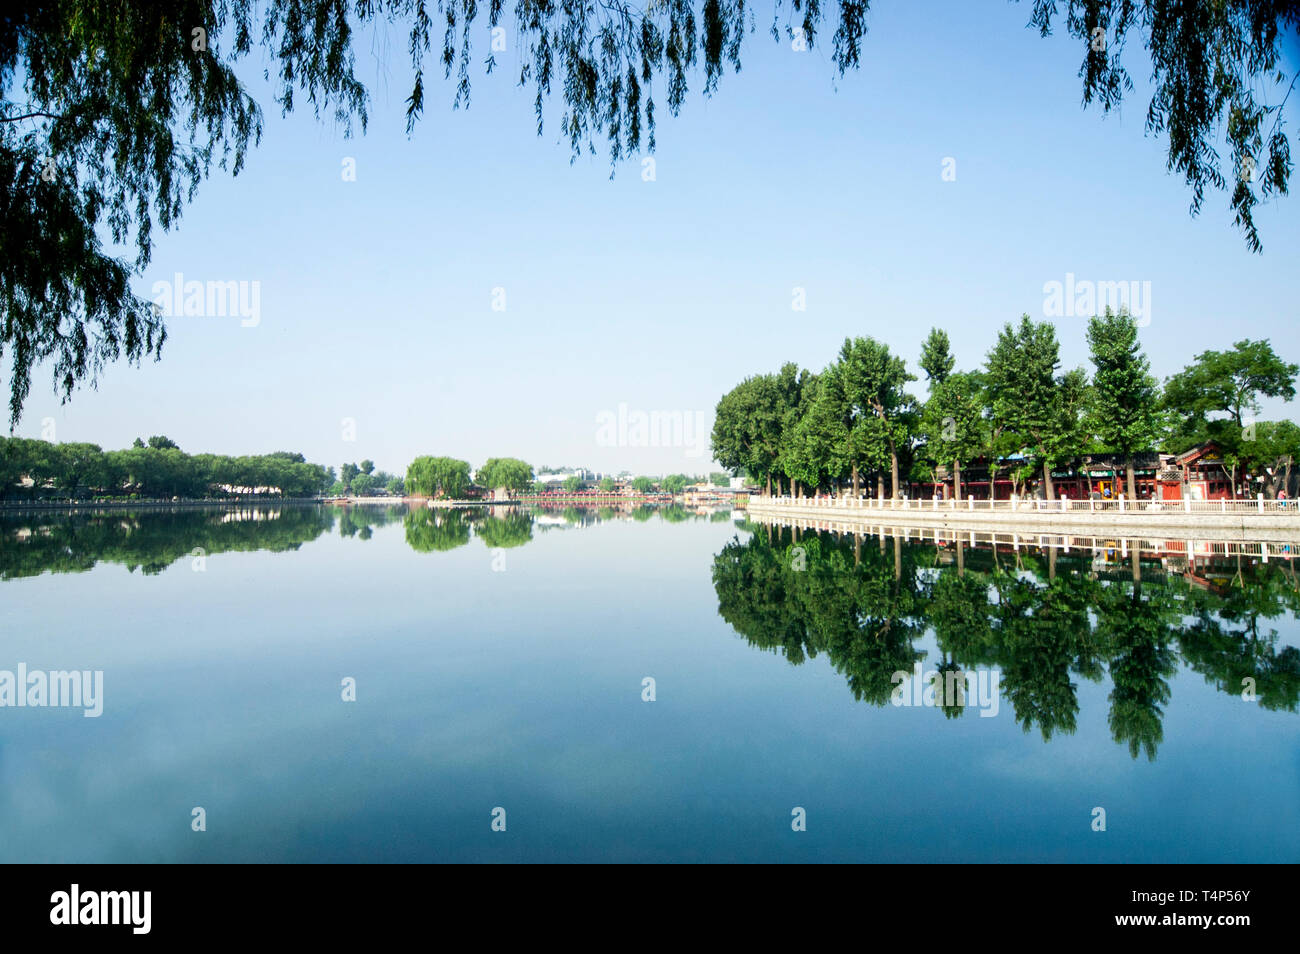 Beijing shichahai scenery - Stock Image